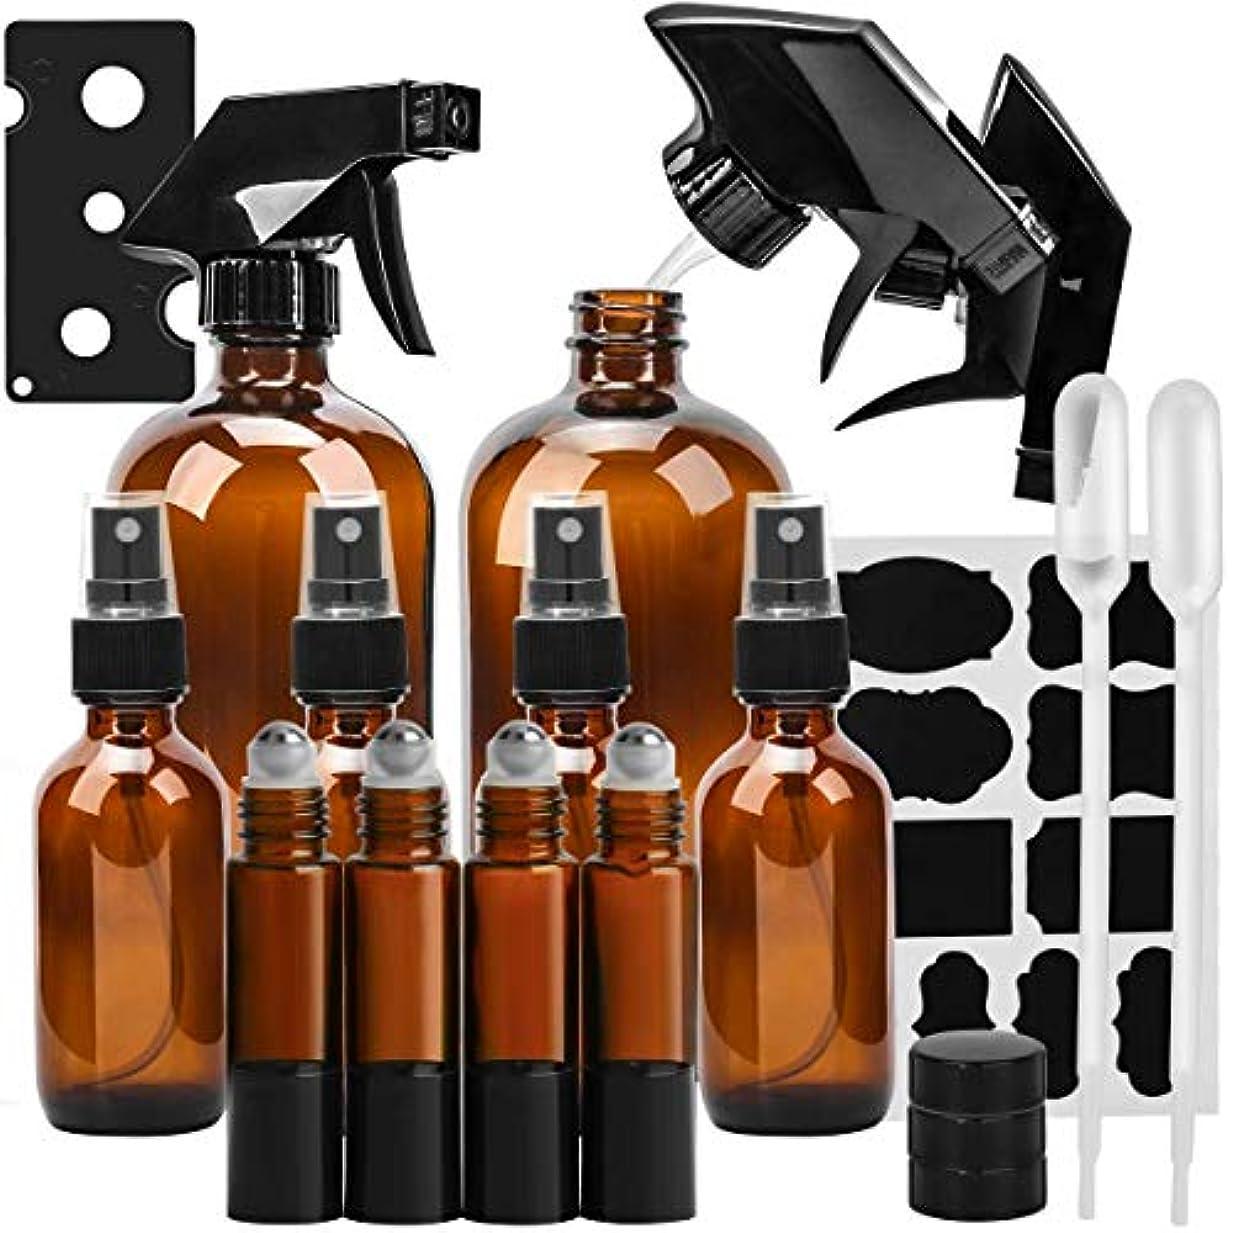 データベーススーパー効能KAMOTA 16オンス×2 2オンス×4 10ミリリットルローラーボトル×4 - 製品やアロマテラピーを清掃エッセンシャルオイル 用 詰め替え容器 セットガラススプレーボトルアンバーガラススプレーボトル アンバー-2